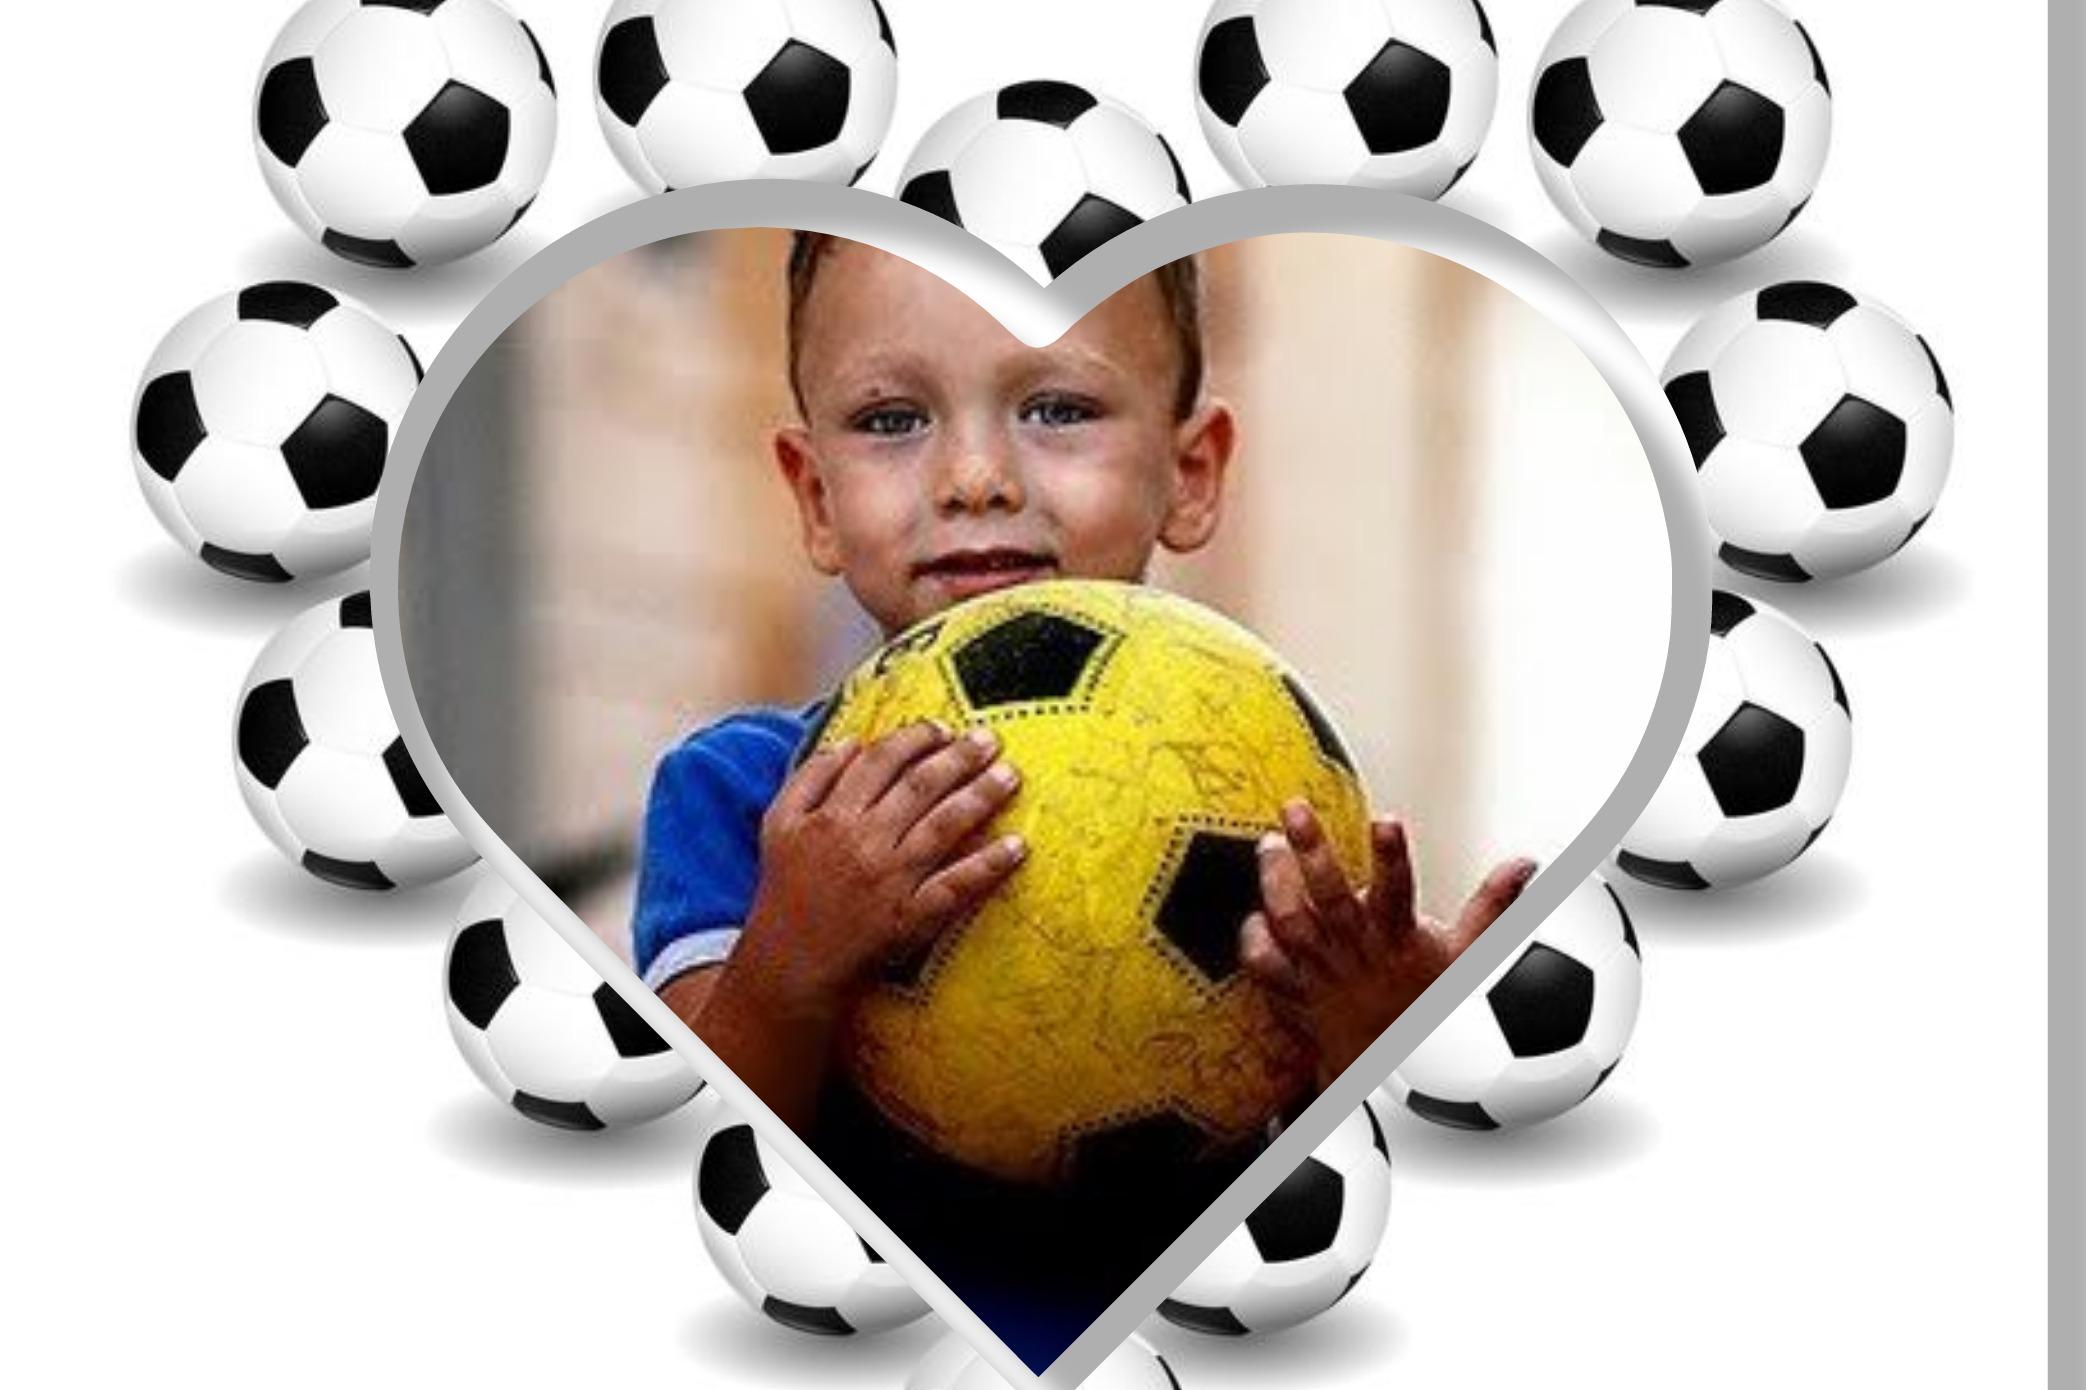 Tutto l'amore per il calcio